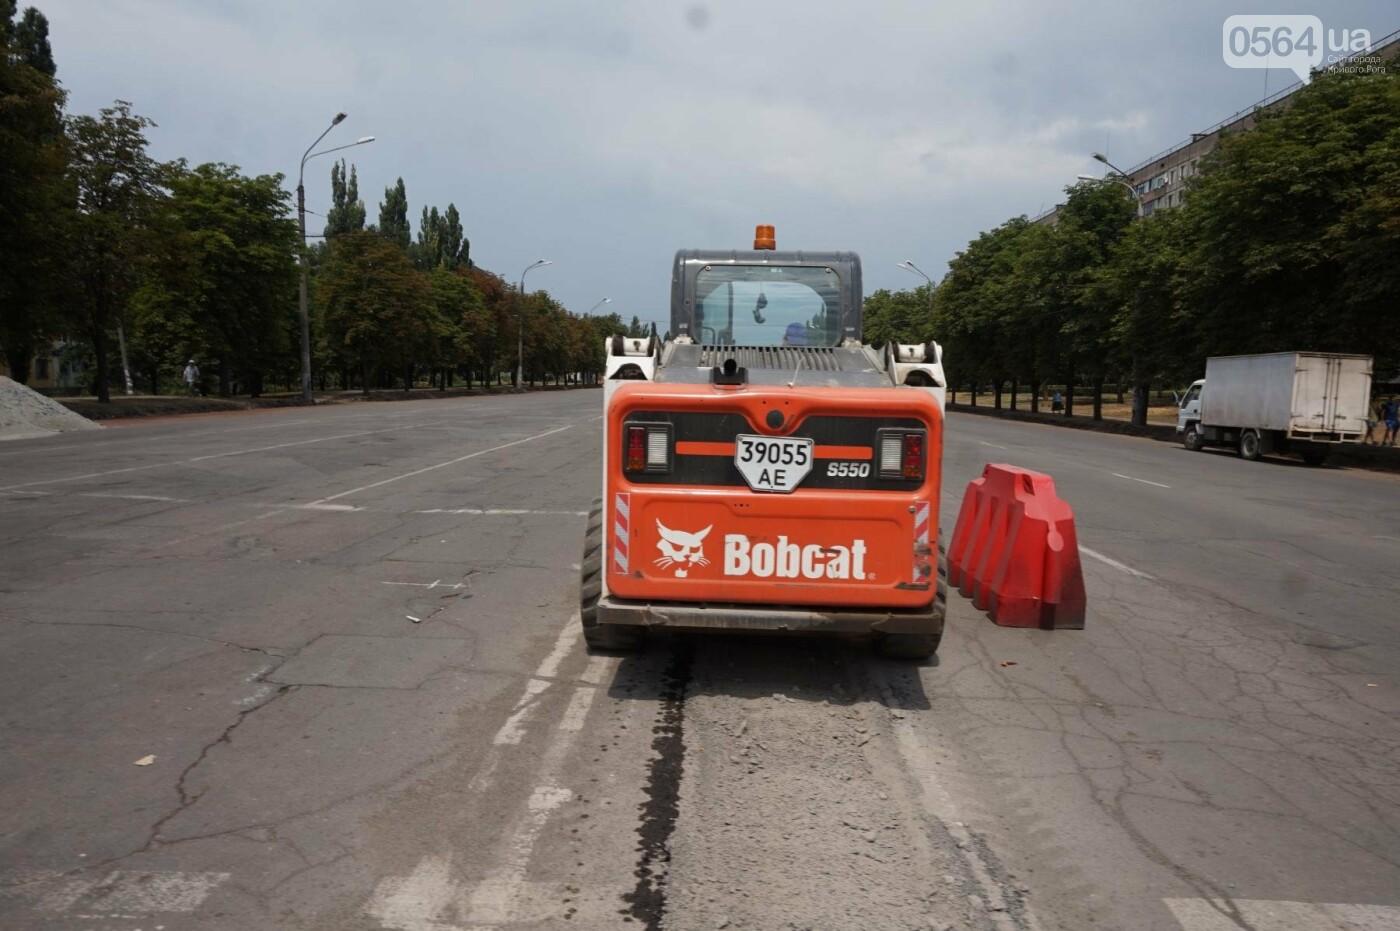 С сегодняшнего дня на центральном проспекте Кривого Рога отменены 3 остановки и запрещена парковка, - ФОТО, фото-9